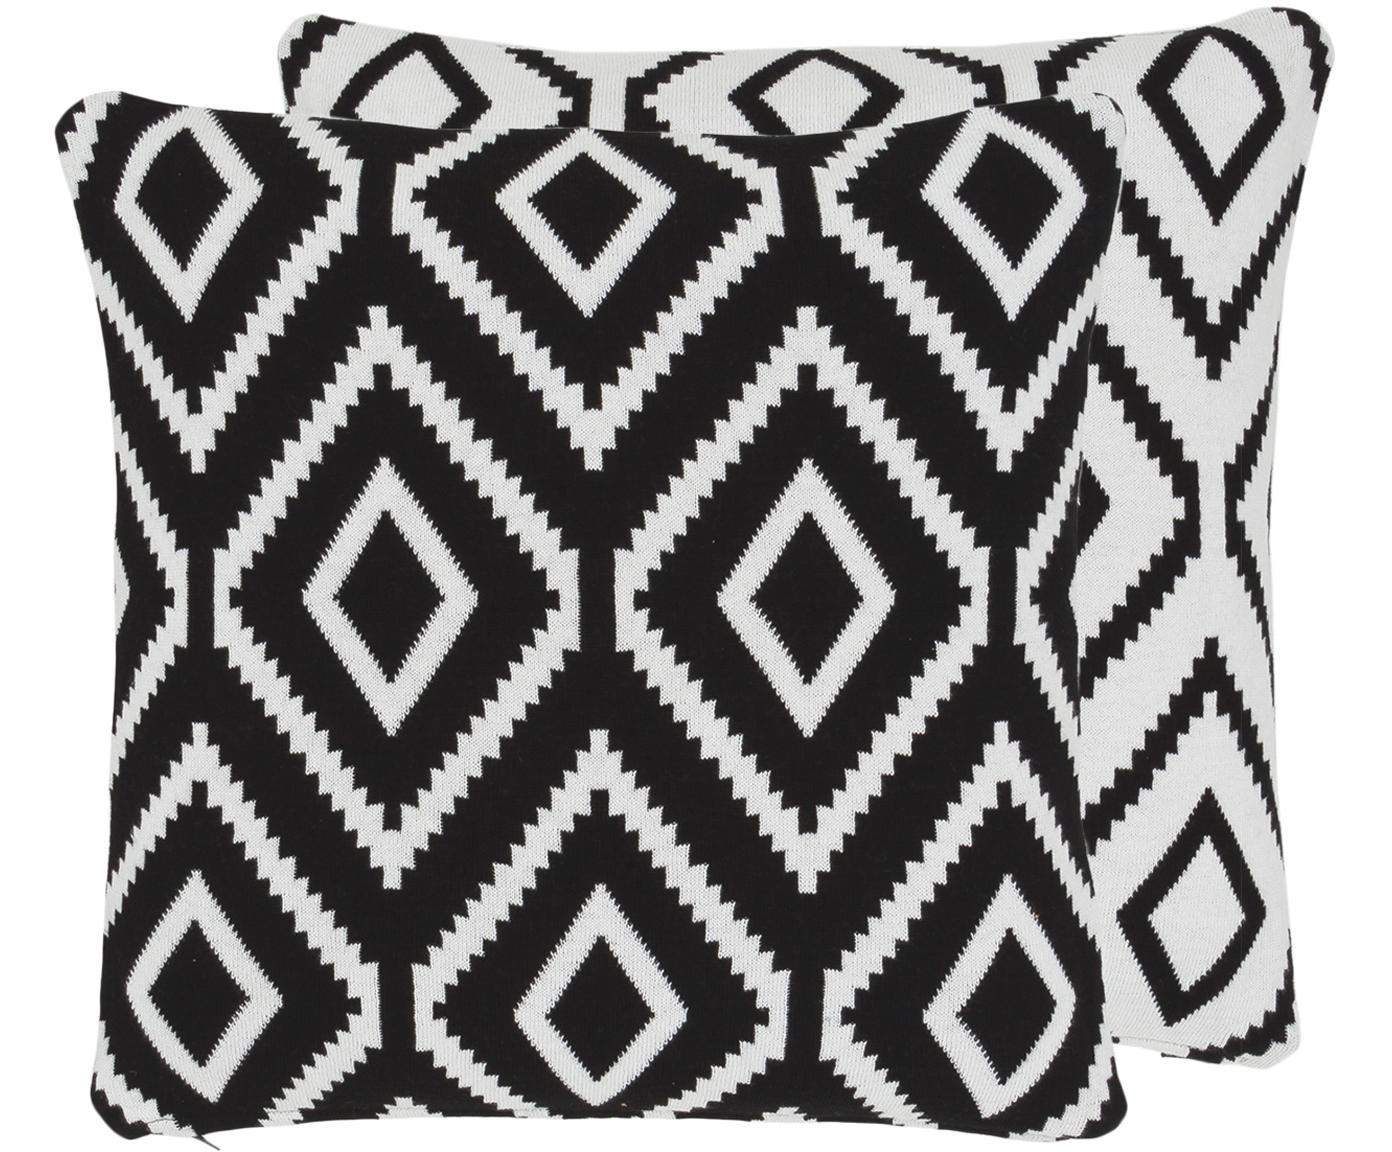 Gebreide dubbelzijdige kussenhoes Chuck, 100% katoen, Zwart, crèmewit, 40 x 40 cm